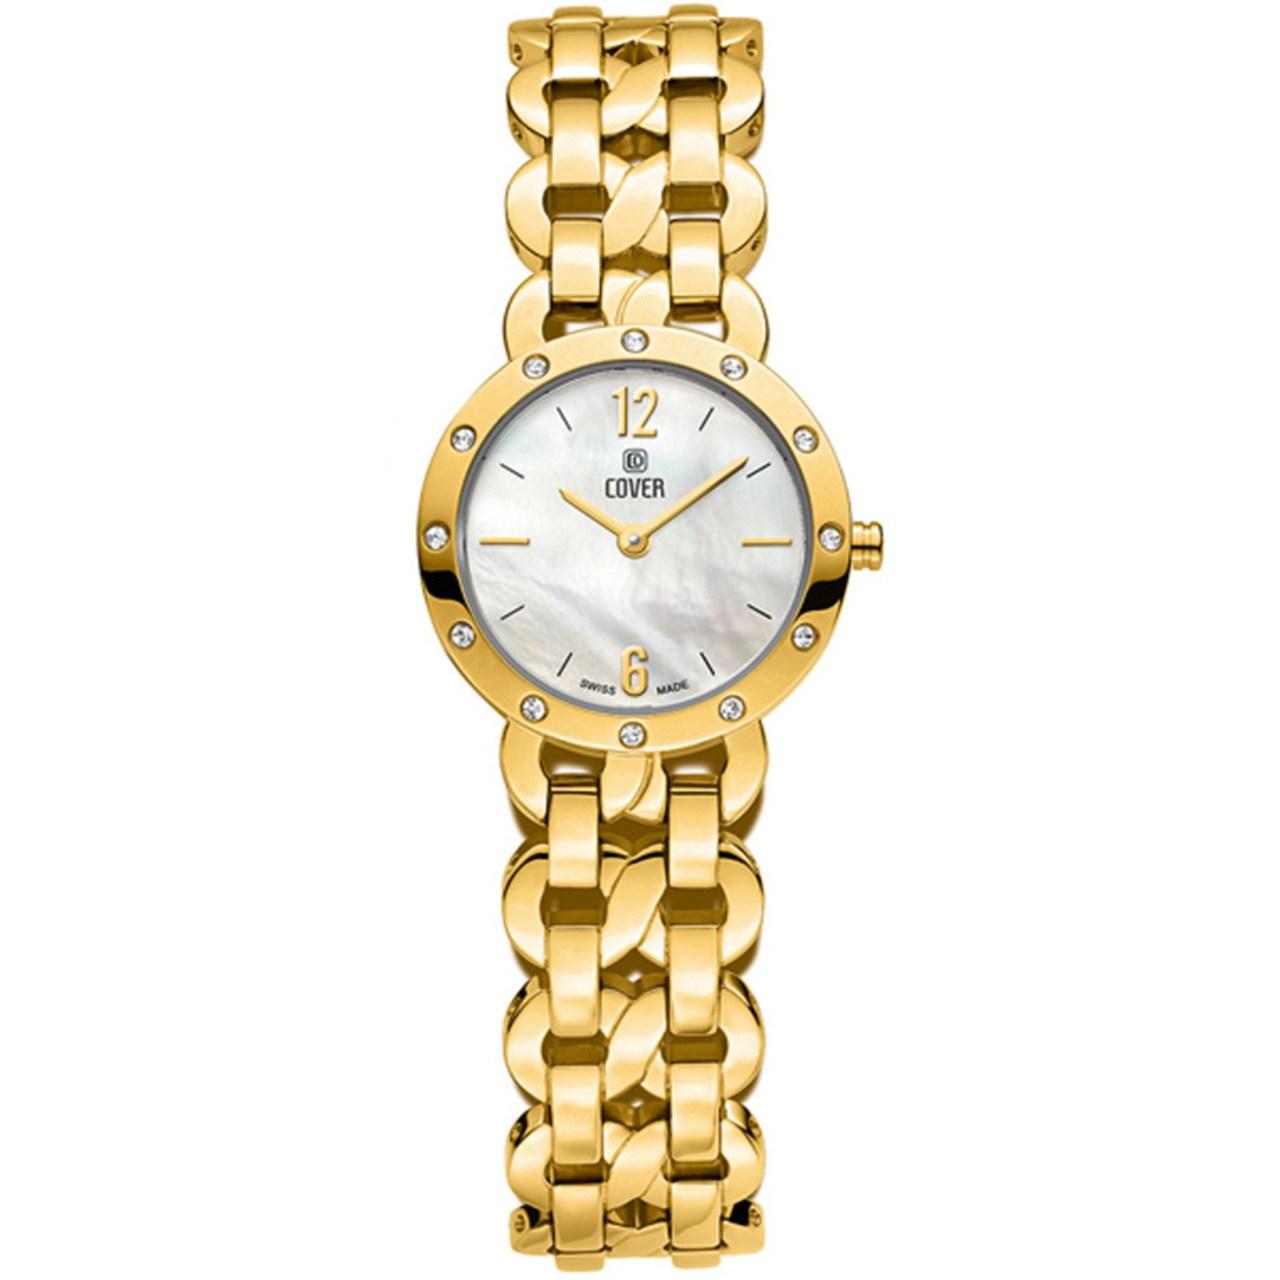 ساعت مچی عقربه ای زنانه کاور مدل Co179.03